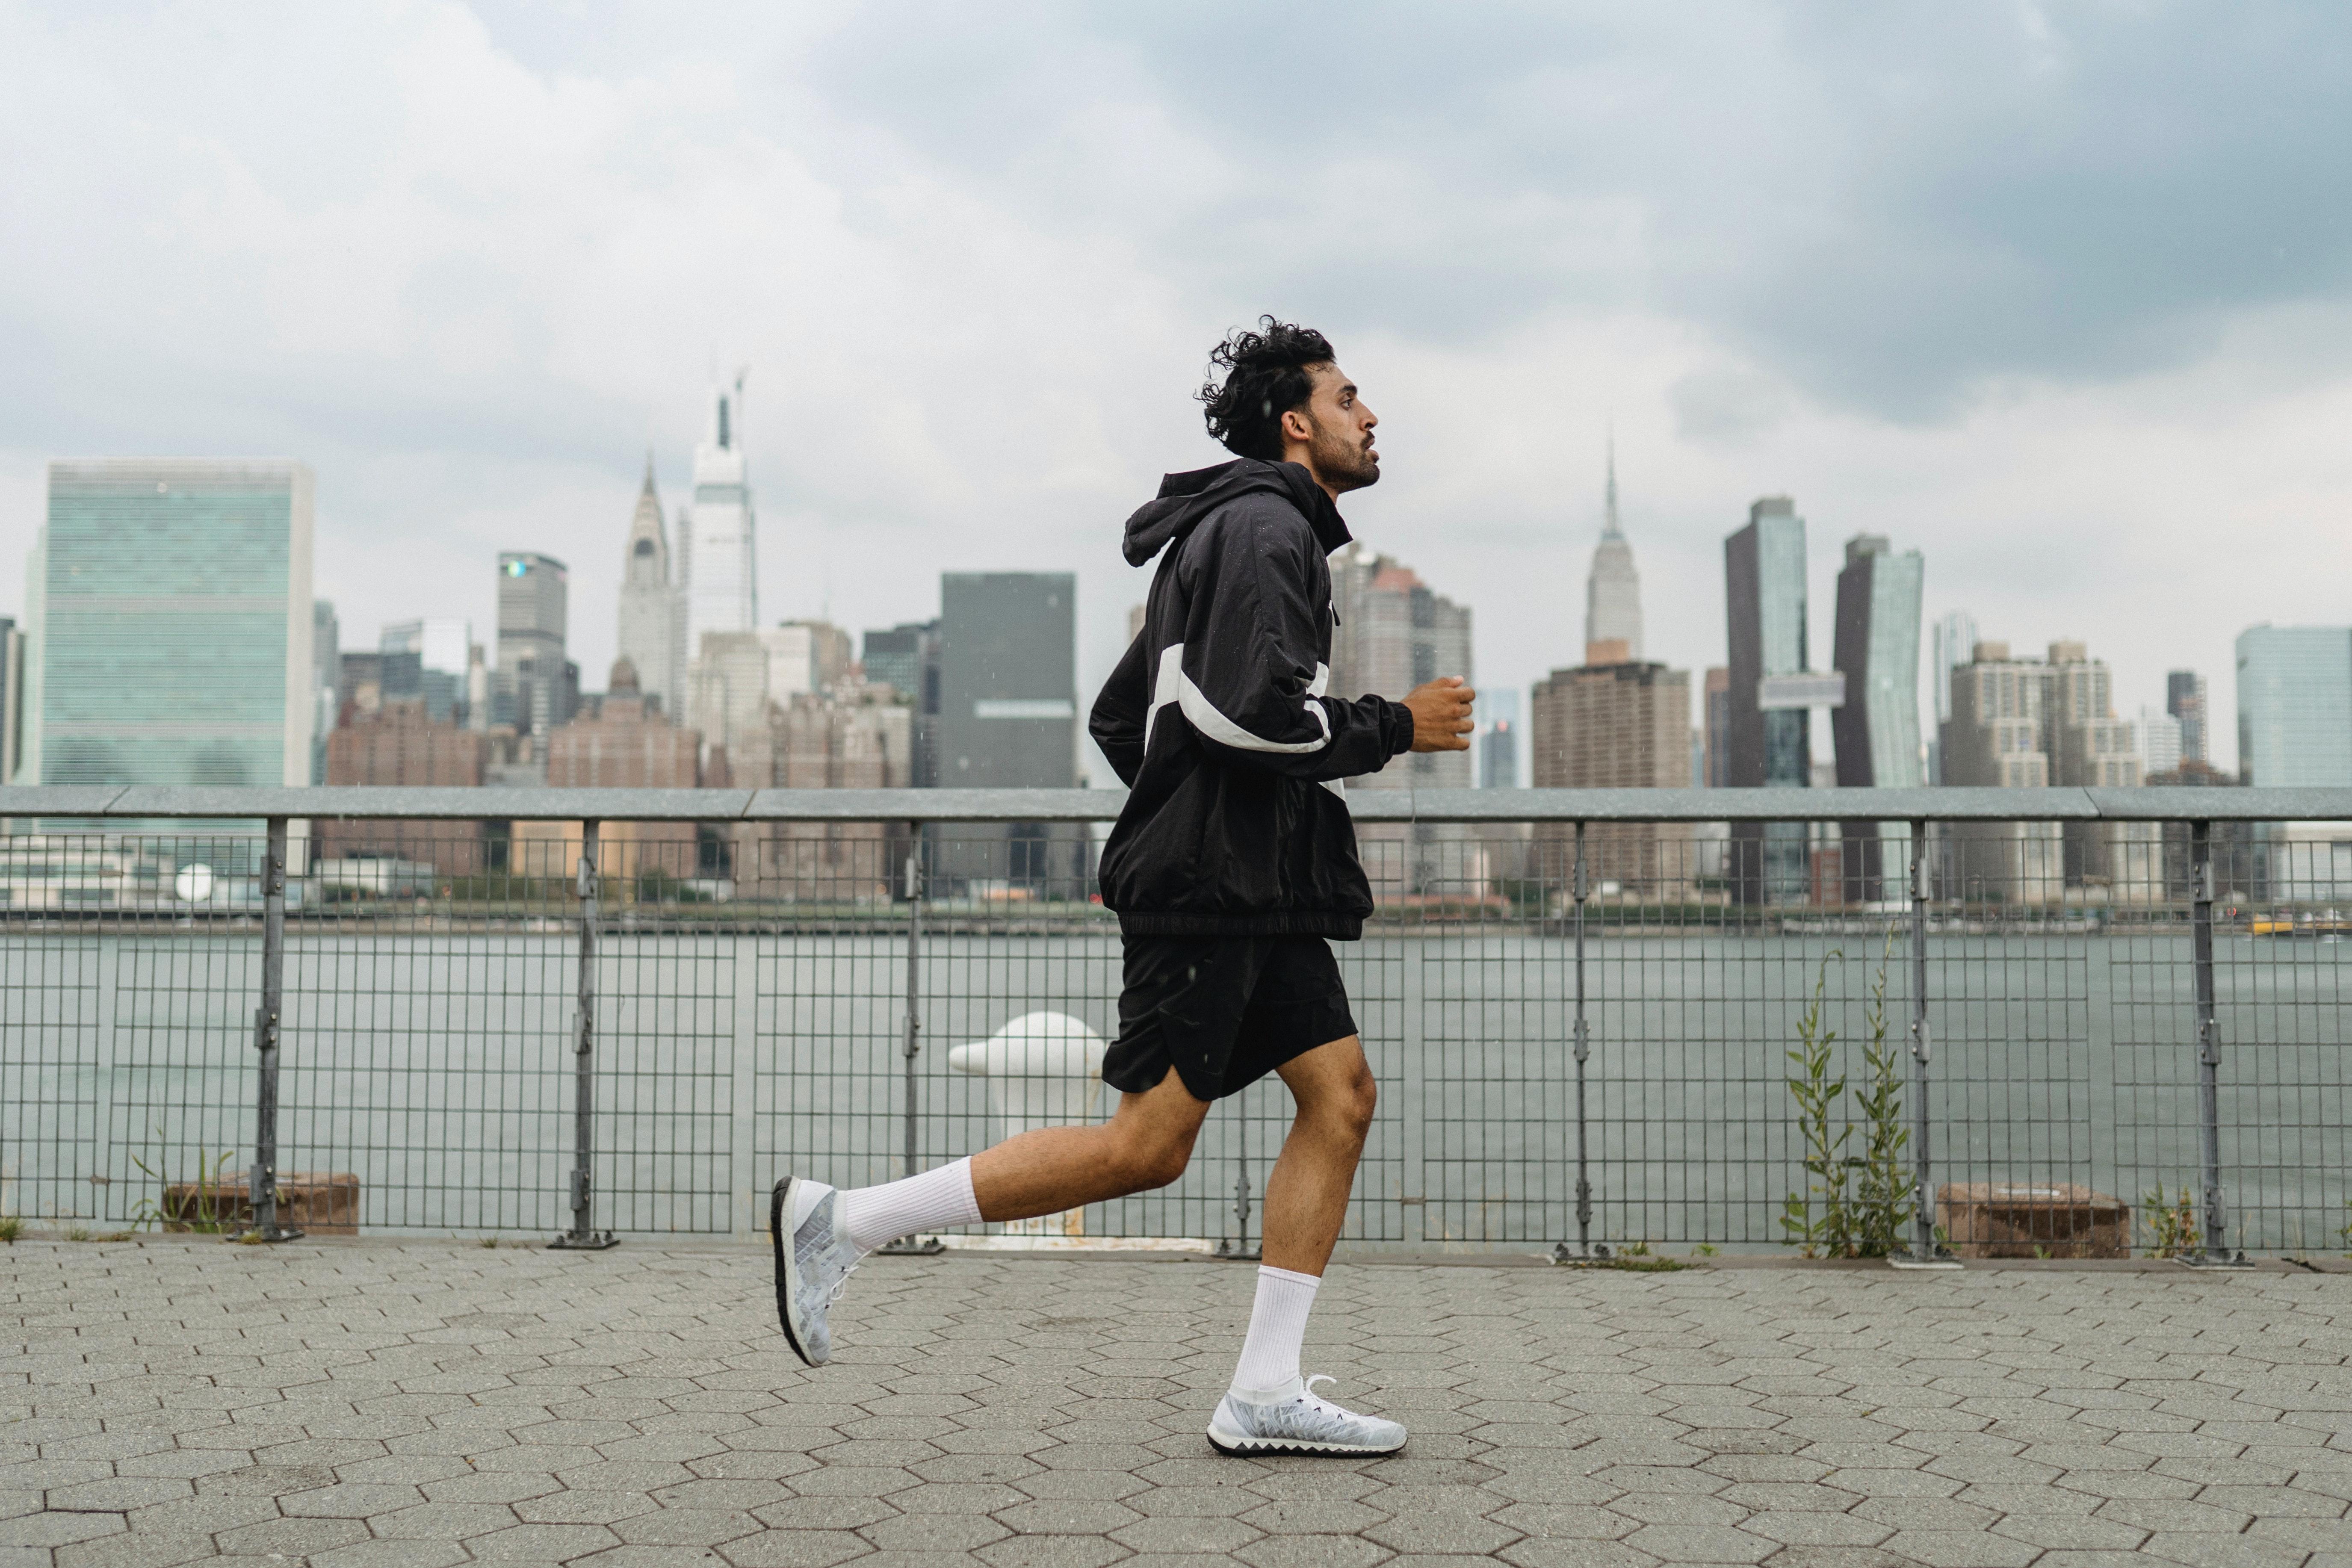 為何運動會讓人開心?有助提振憂鬱情緒,科學拆解「腦內啡」秘密